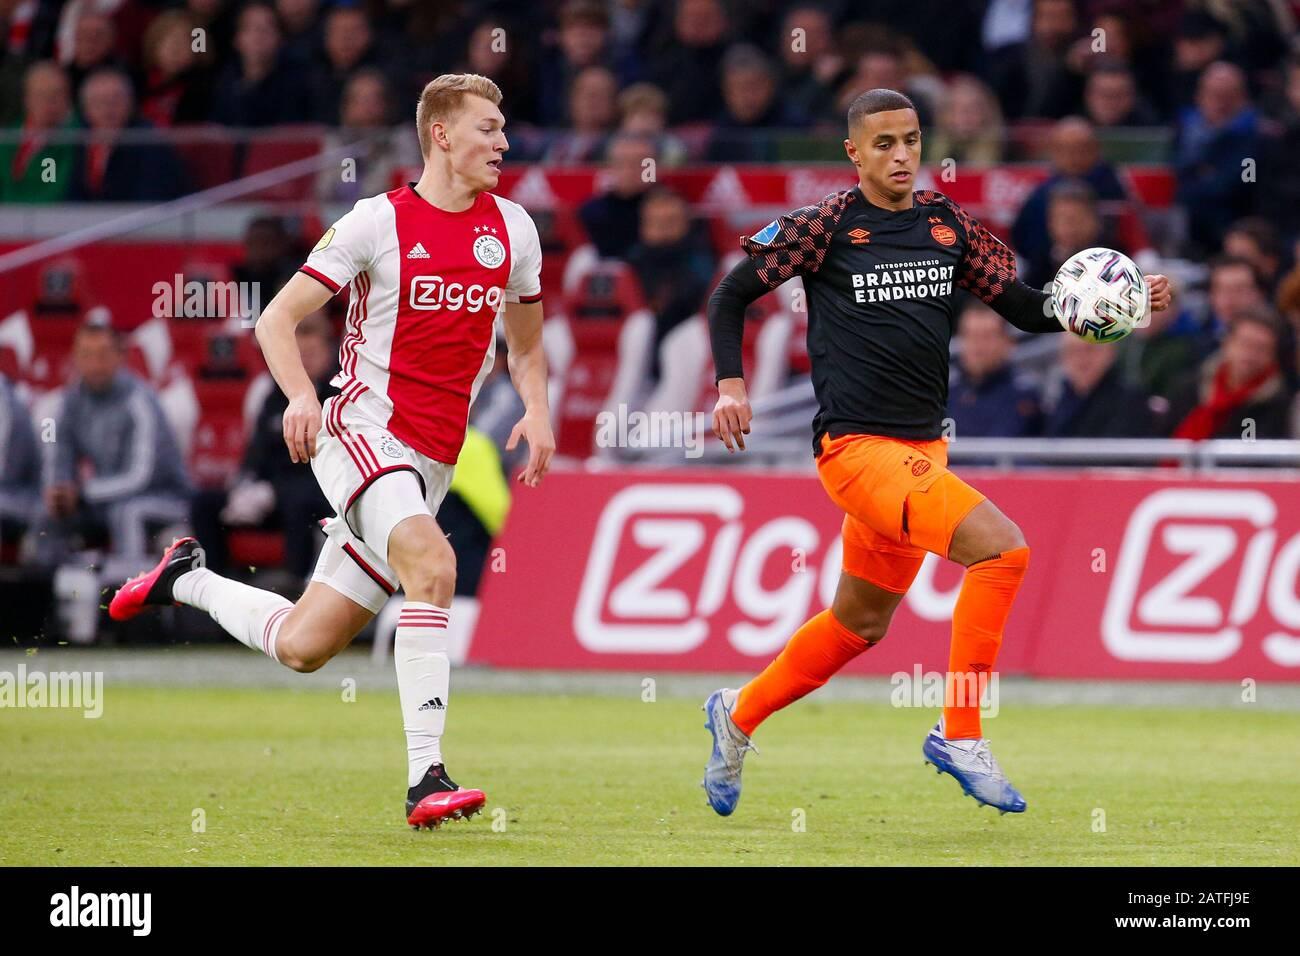 2 February 2020 Amsterdam The Netherlands Soccer Ajax V Psv Eredivisie 2019 2020 Perr Schuurs Of Ajax Mohammed Ihattaren Of Psv Eindhoven Stock Photo Alamy